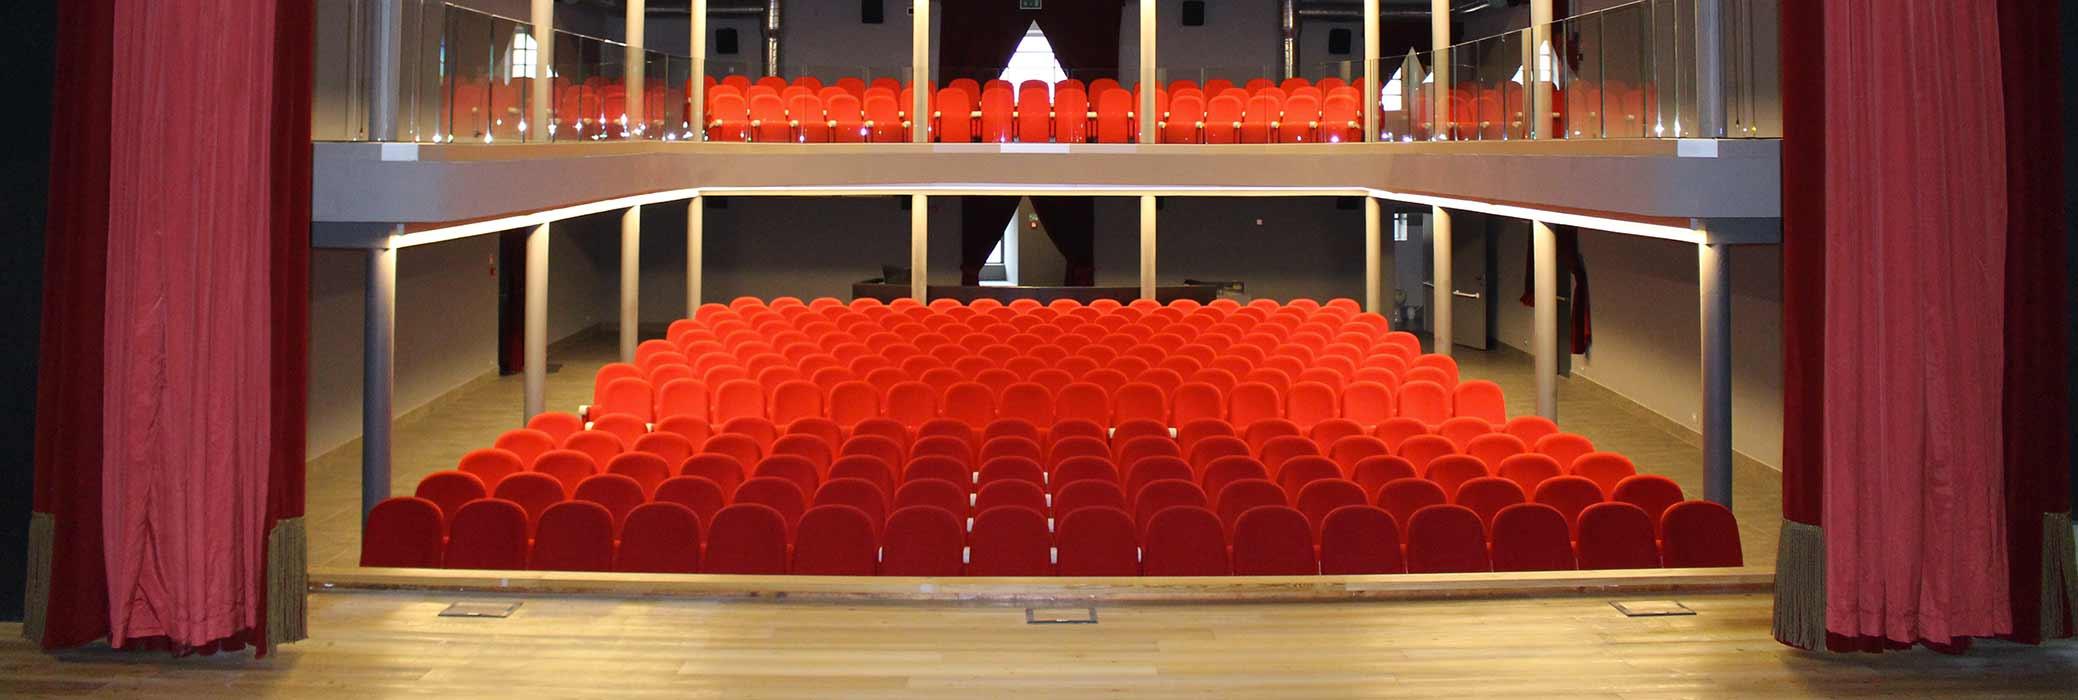 Progetto un CineTeatro per formare